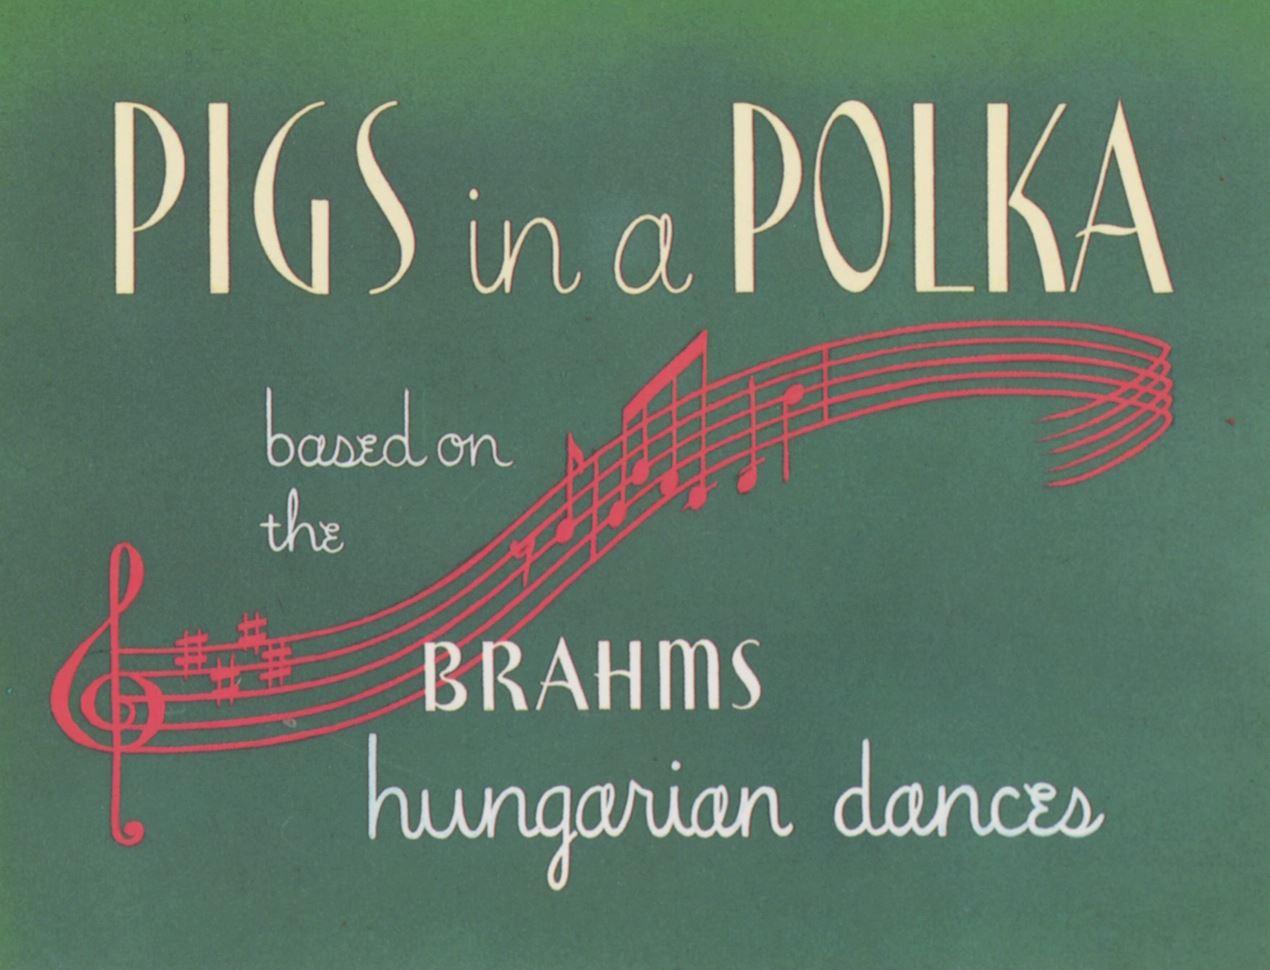 File:Pigs polka.jpg